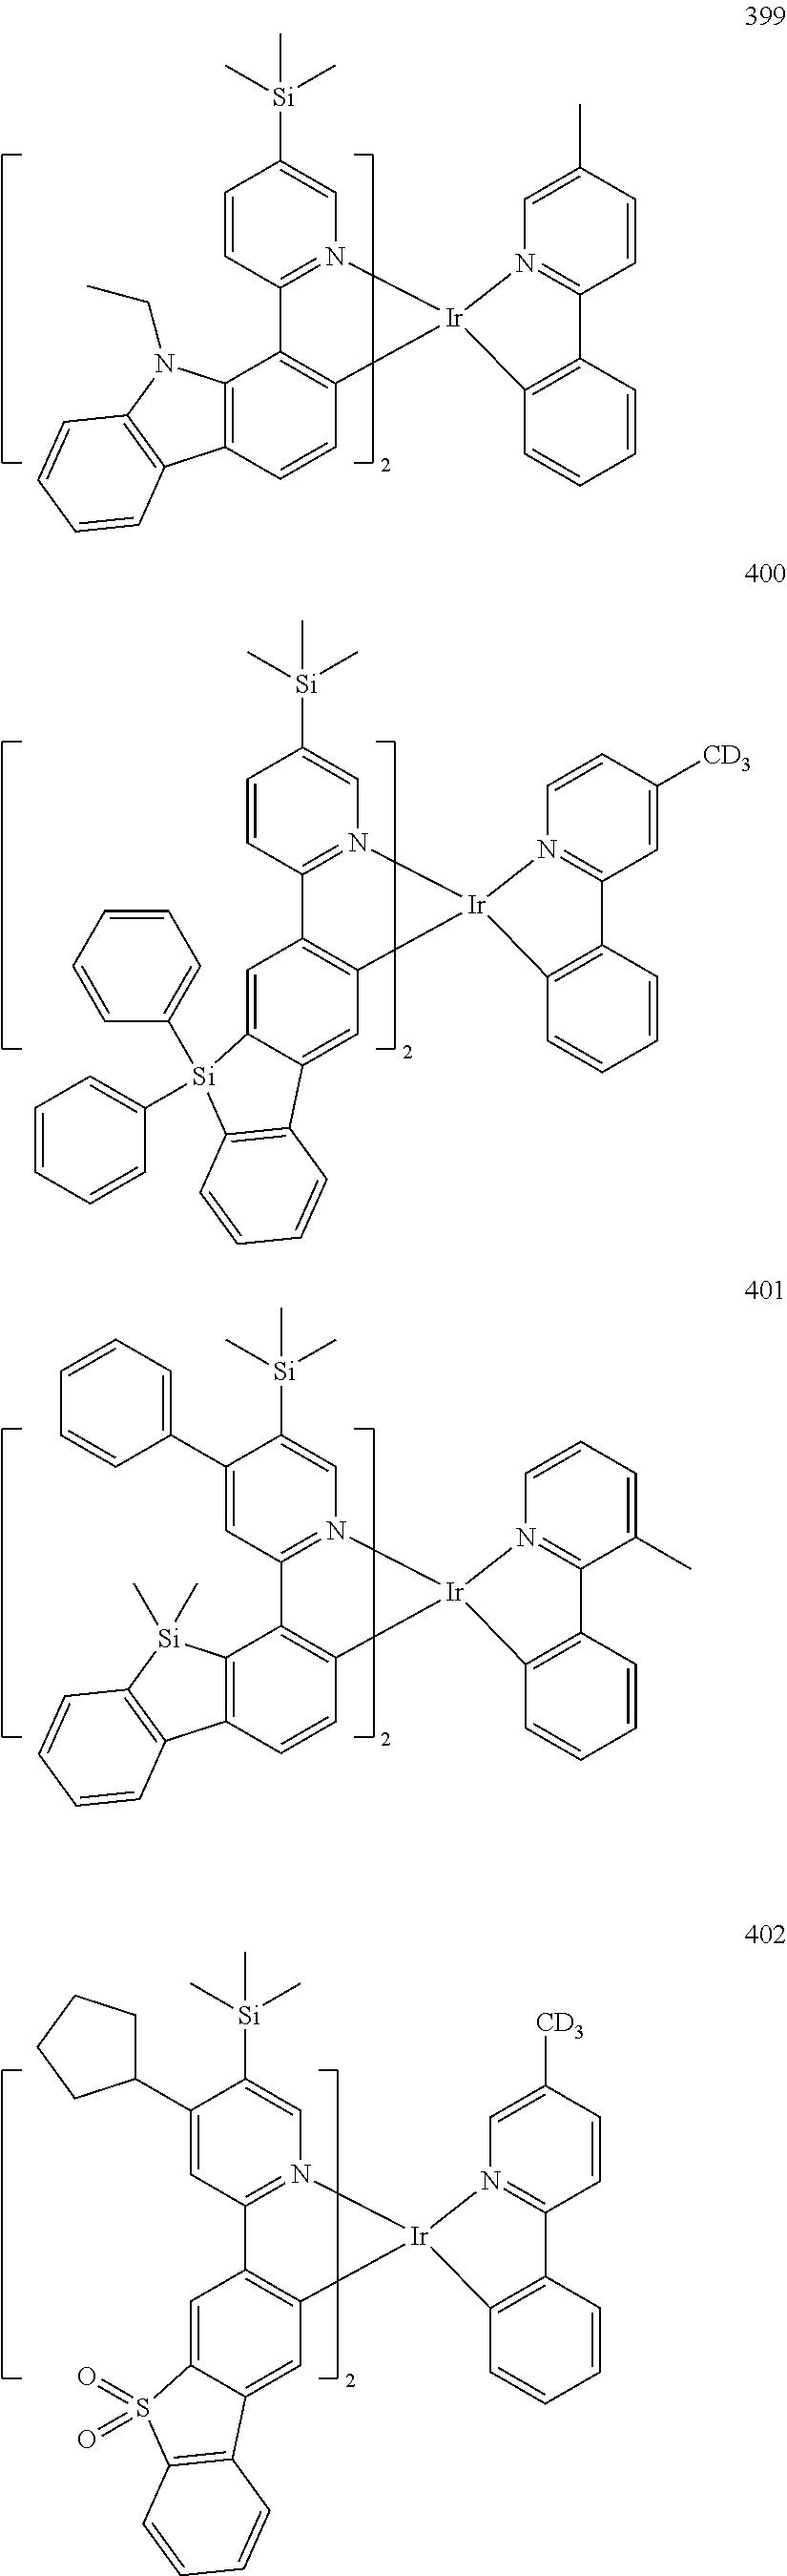 Figure US20160155962A1-20160602-C00439